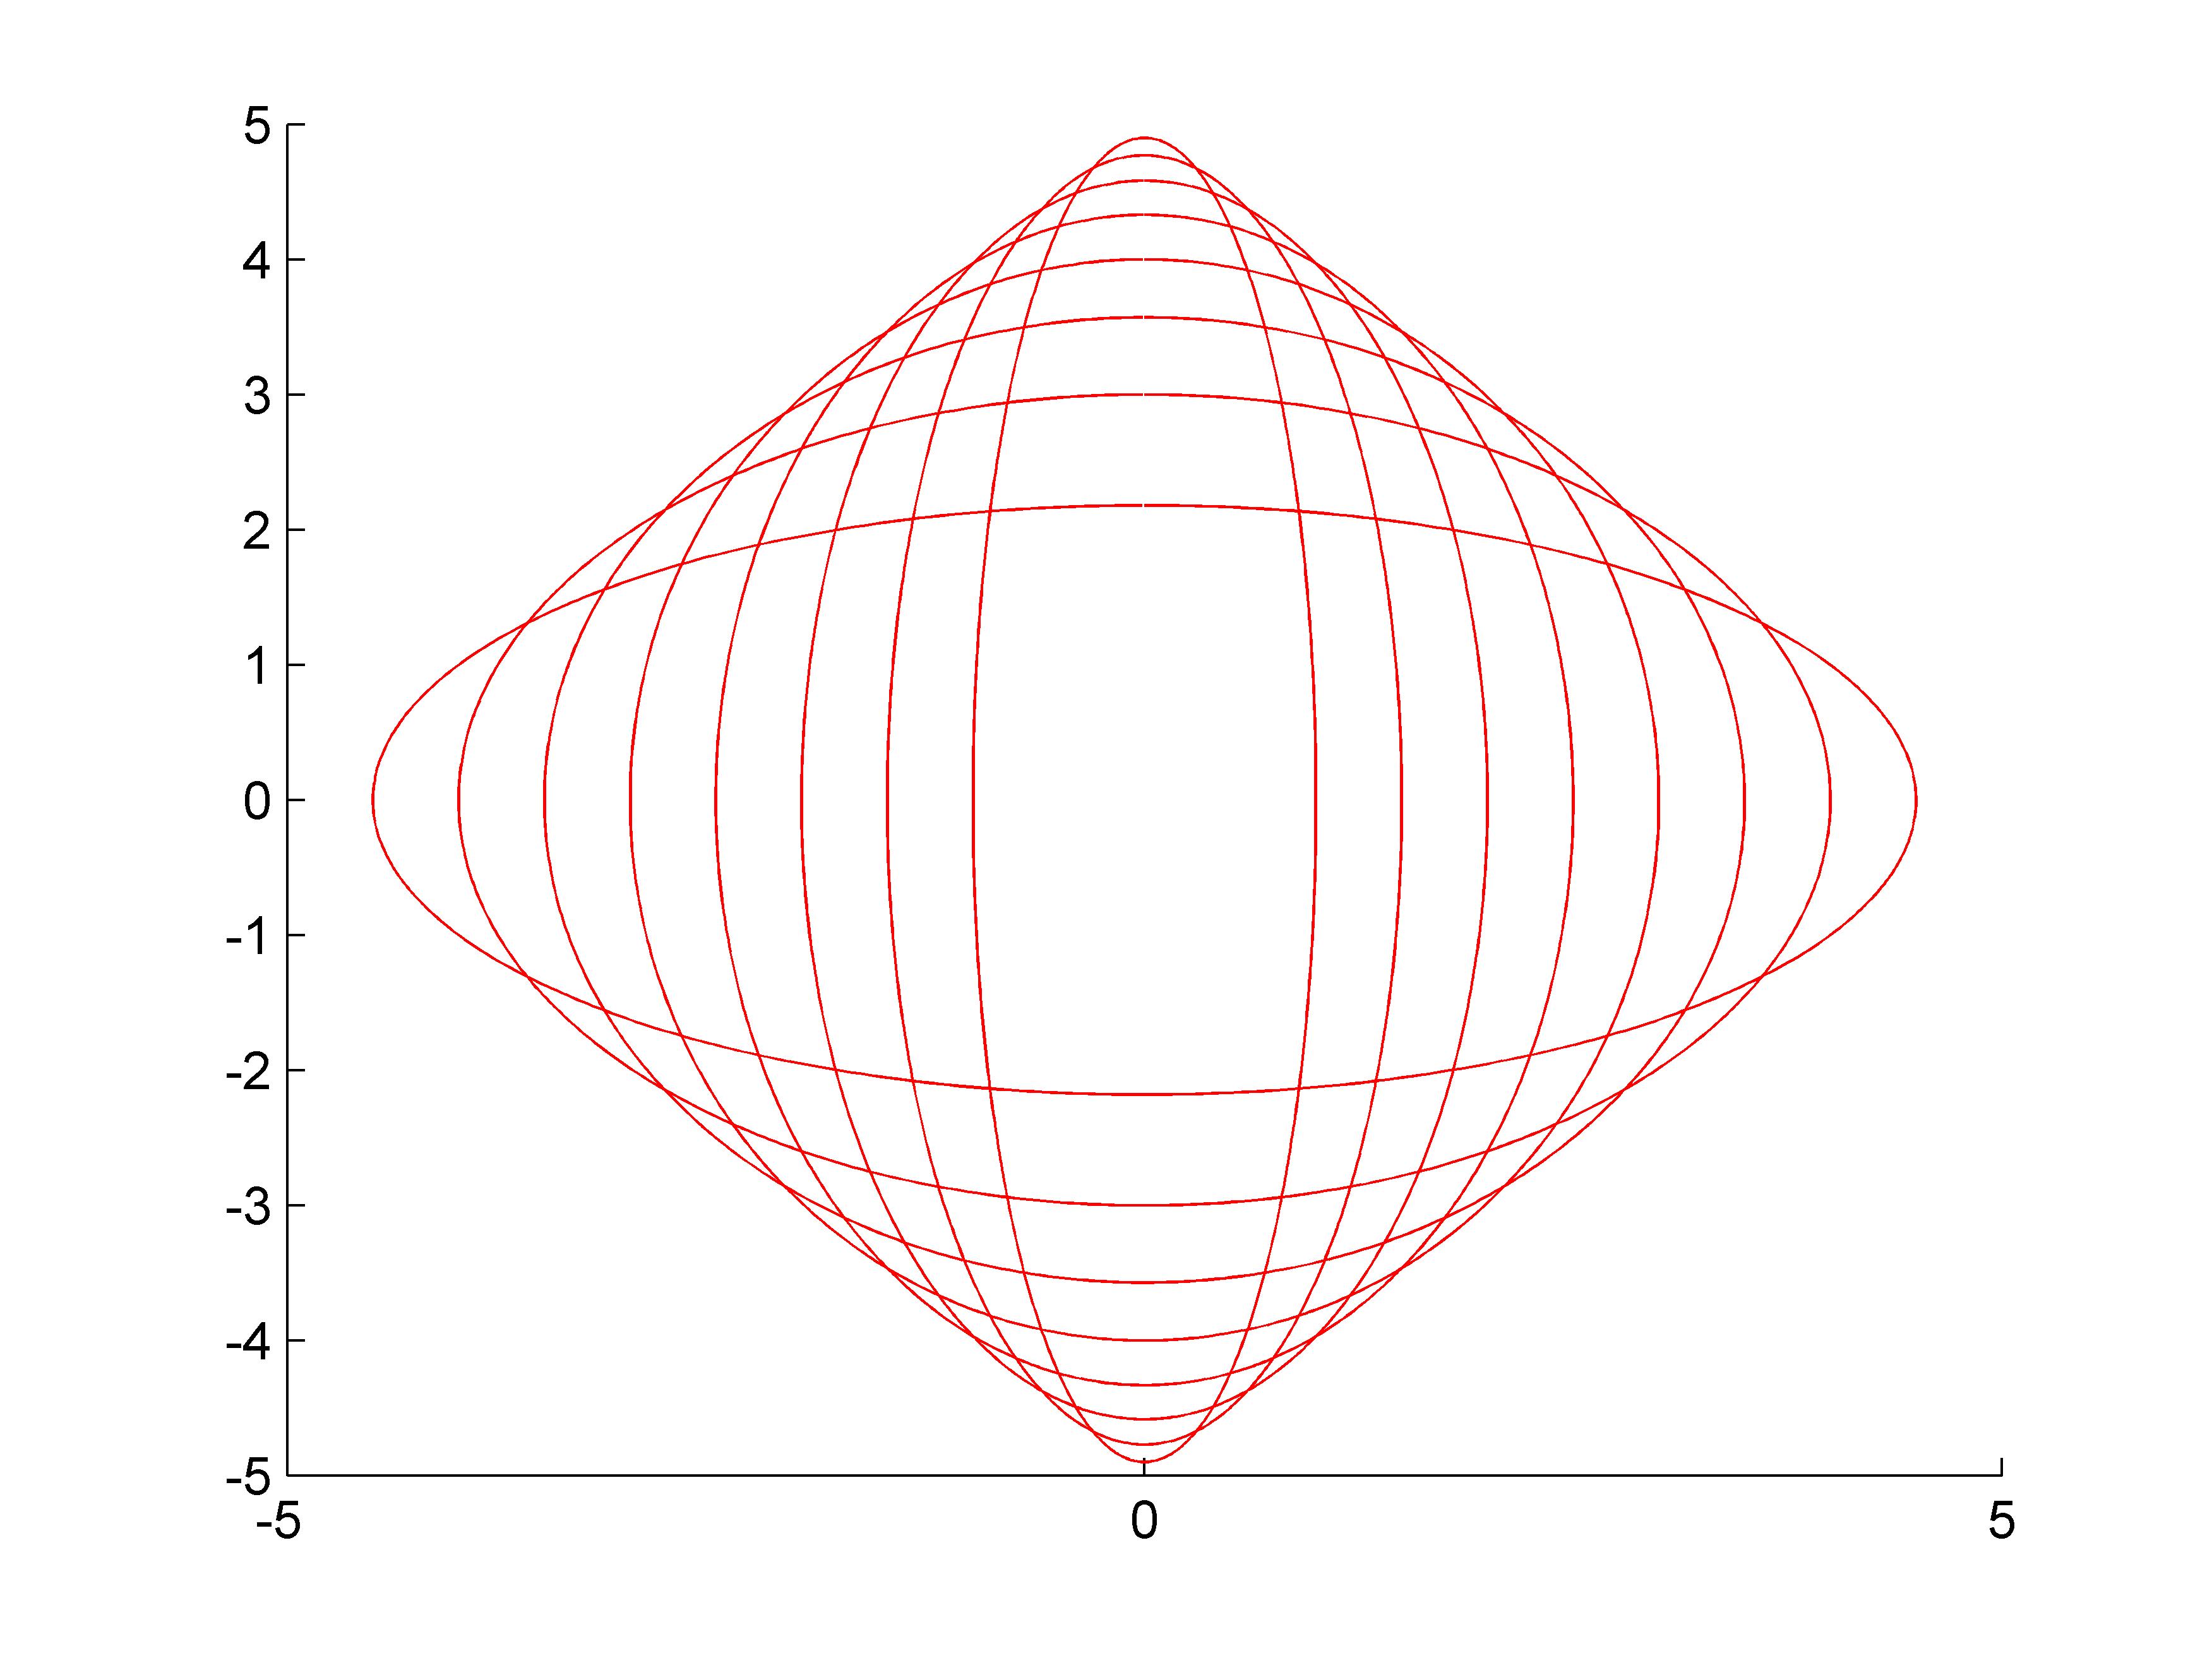 ����y�$9.���)�.�_在椭圆x2/16+y2/9=1内作一内接矩形,问其长,宽各为多少时,矩形面积最